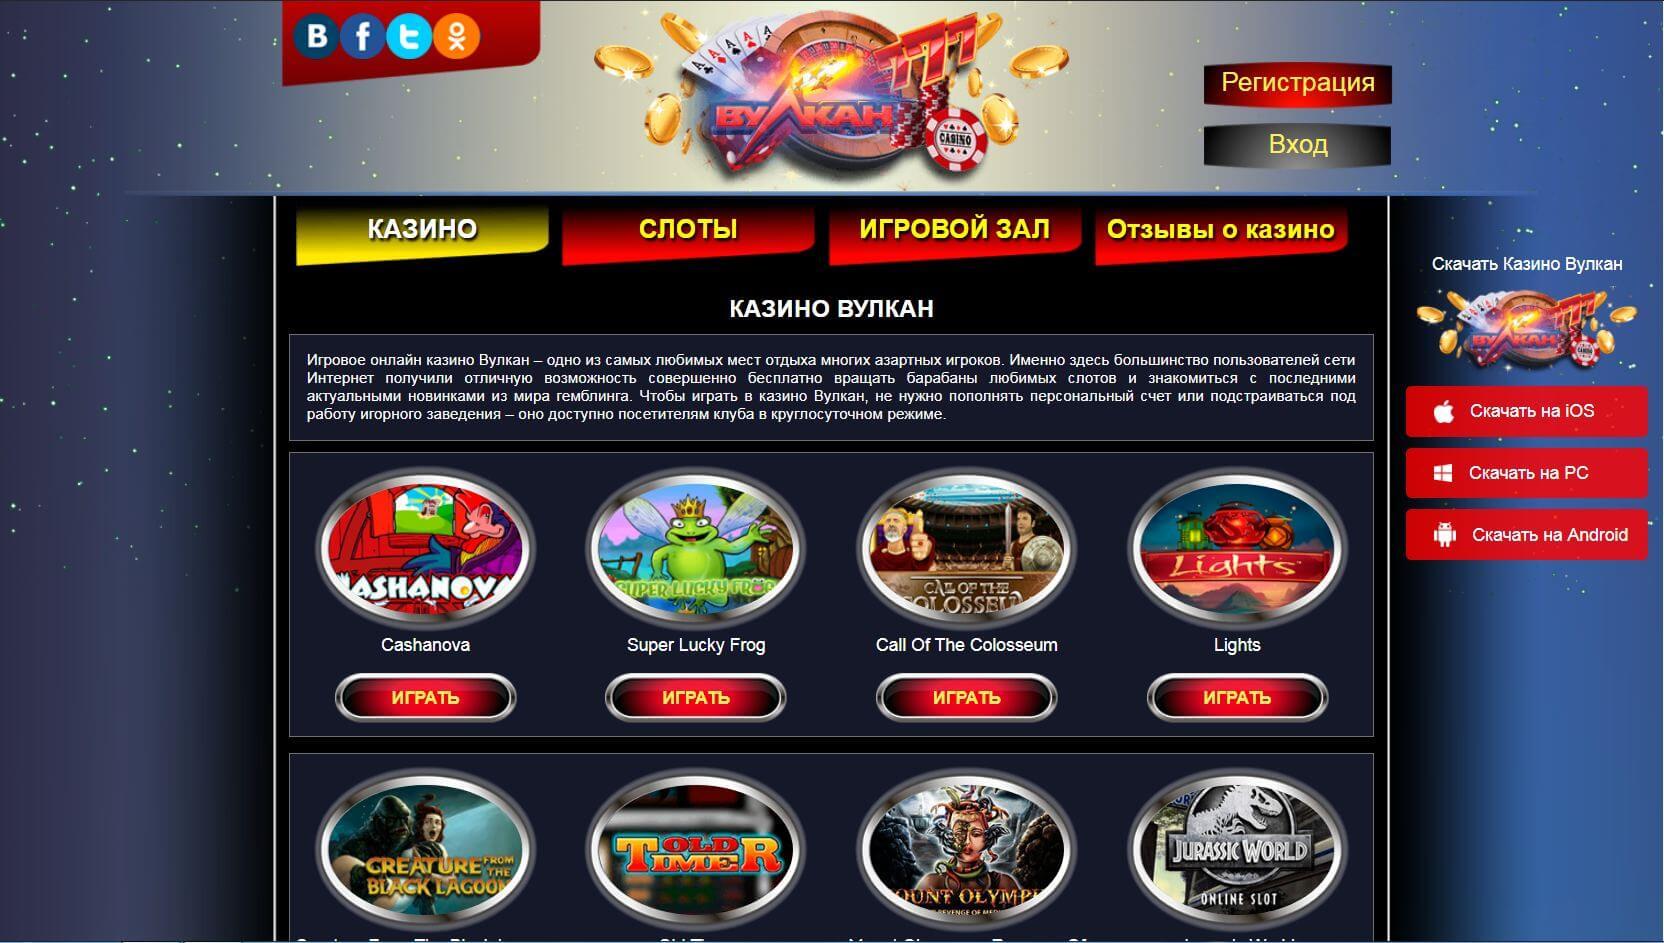 Казино кубики рублей играть хд скачать игровые автоматы на компьютер клубнички